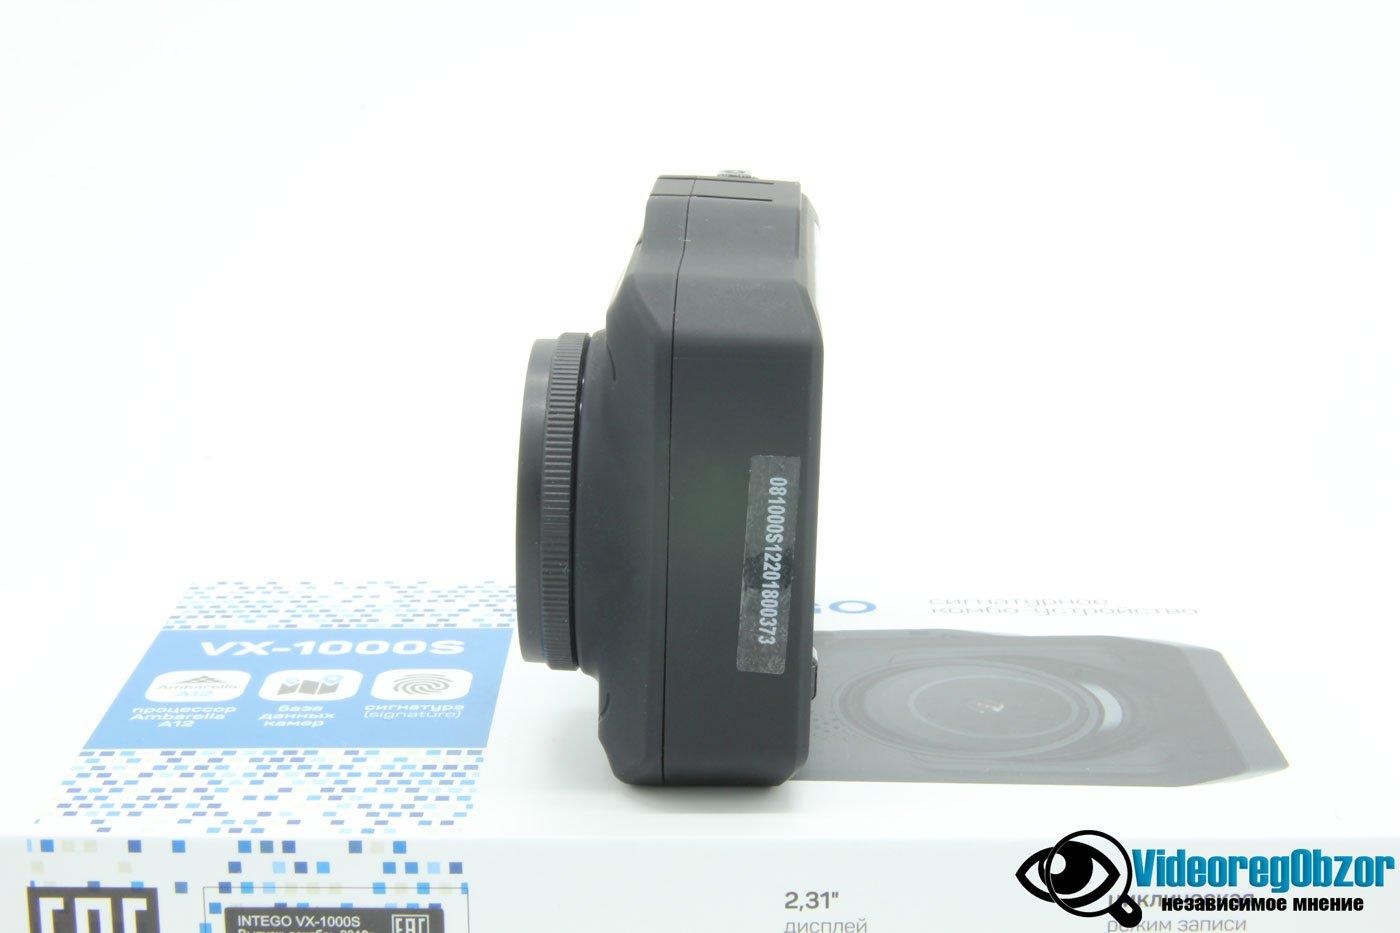 INTEGO VX 1000S 10